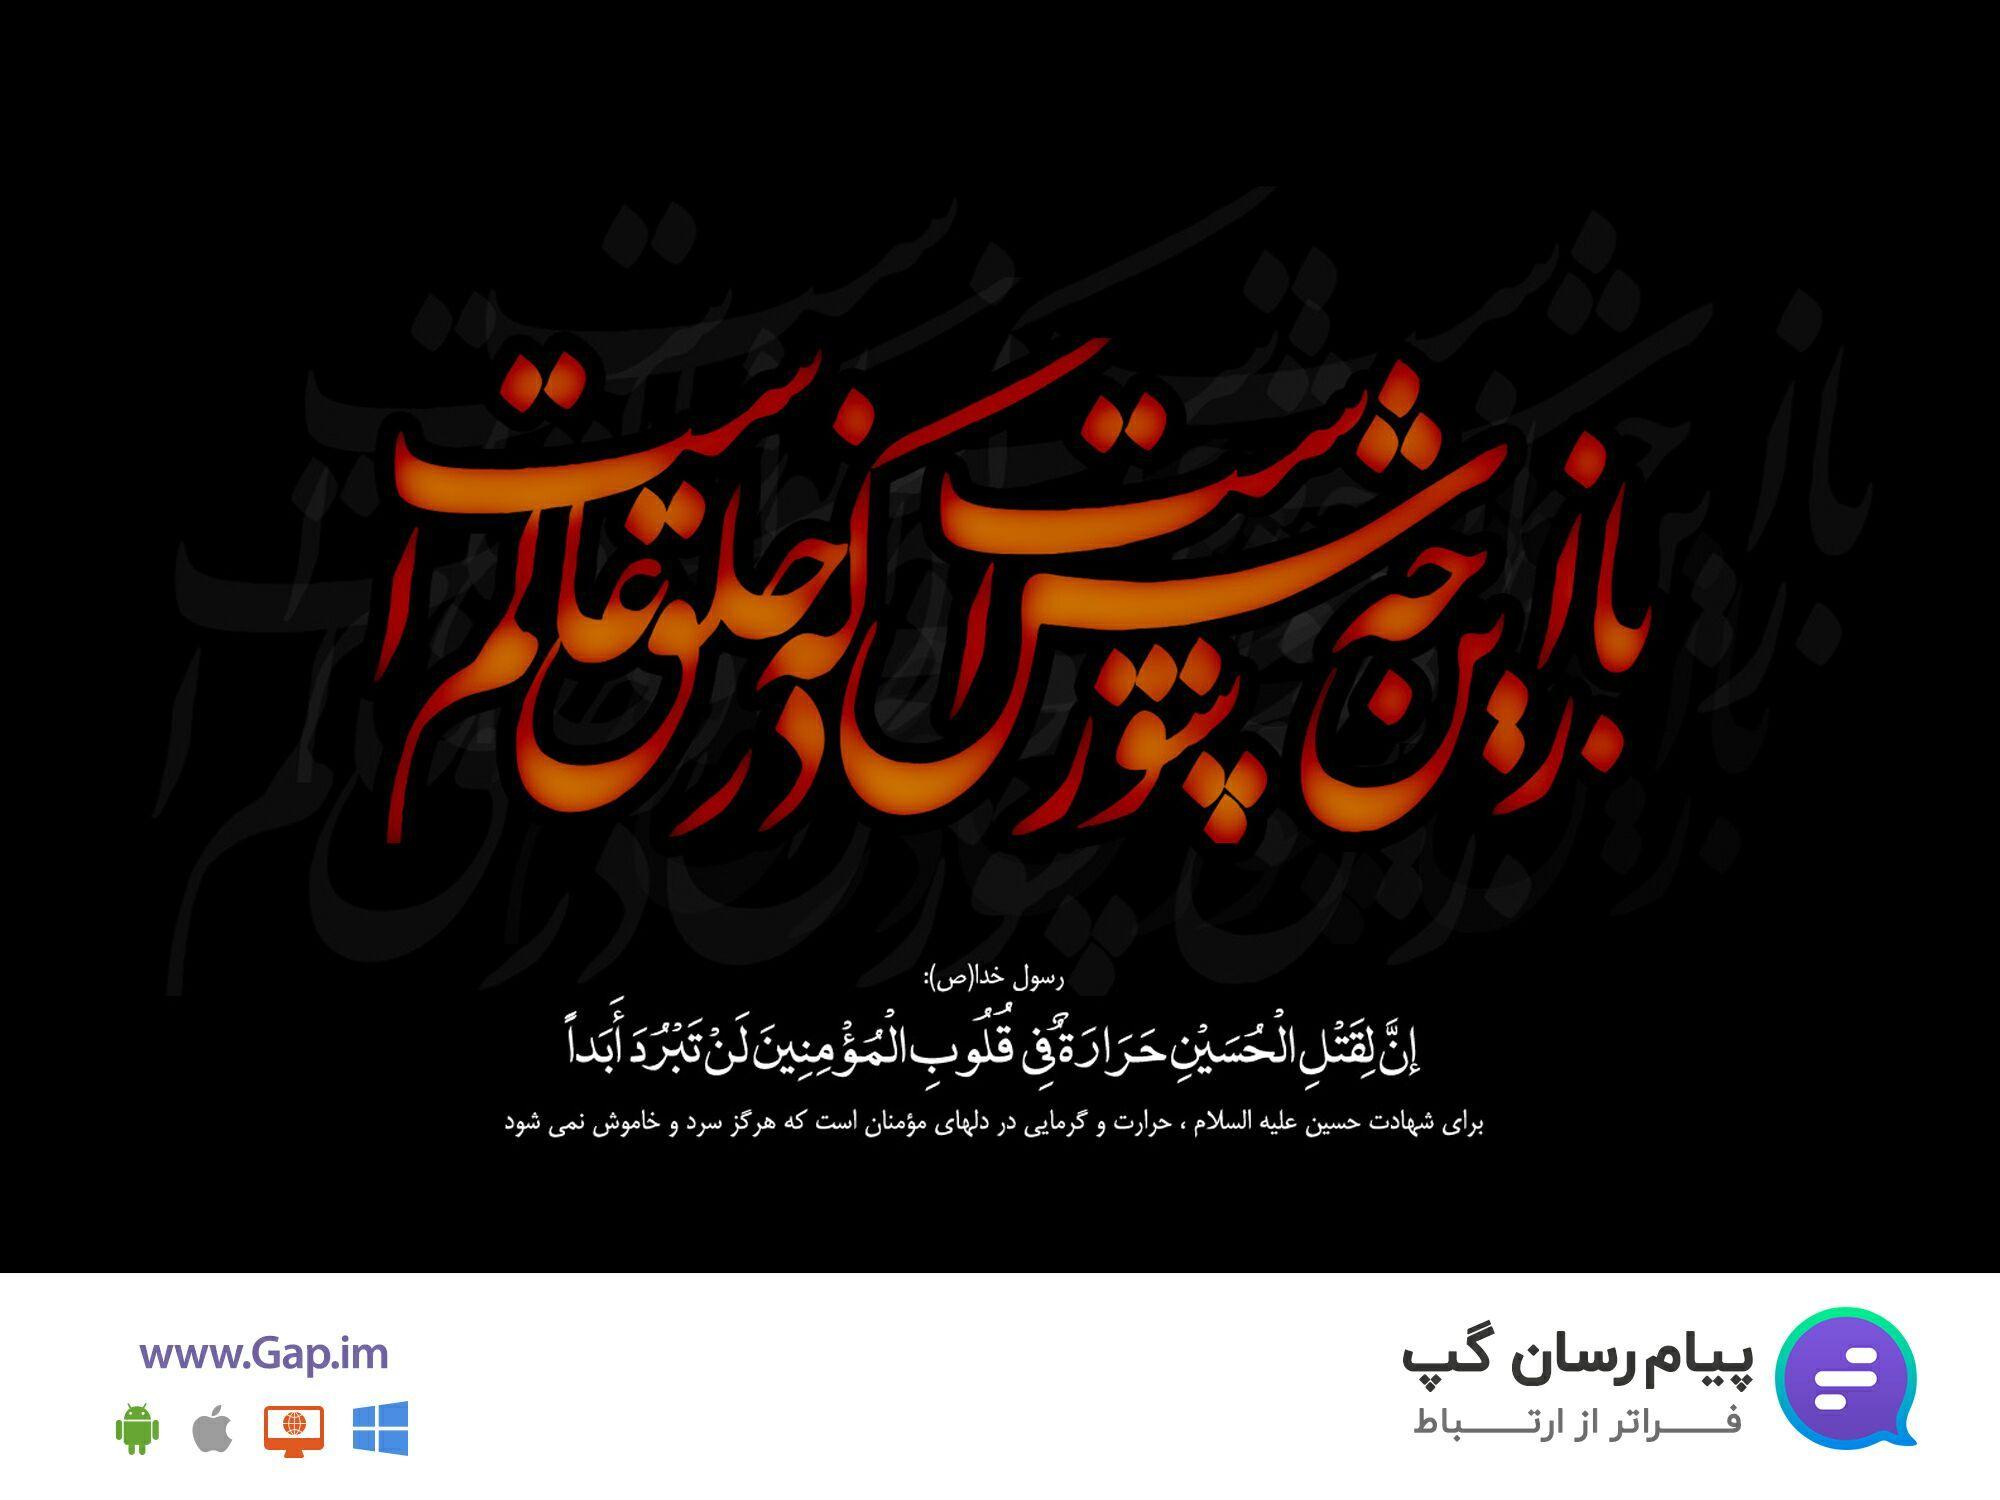 السلام علیک یا اباعبدالله الحسین علیه السلام